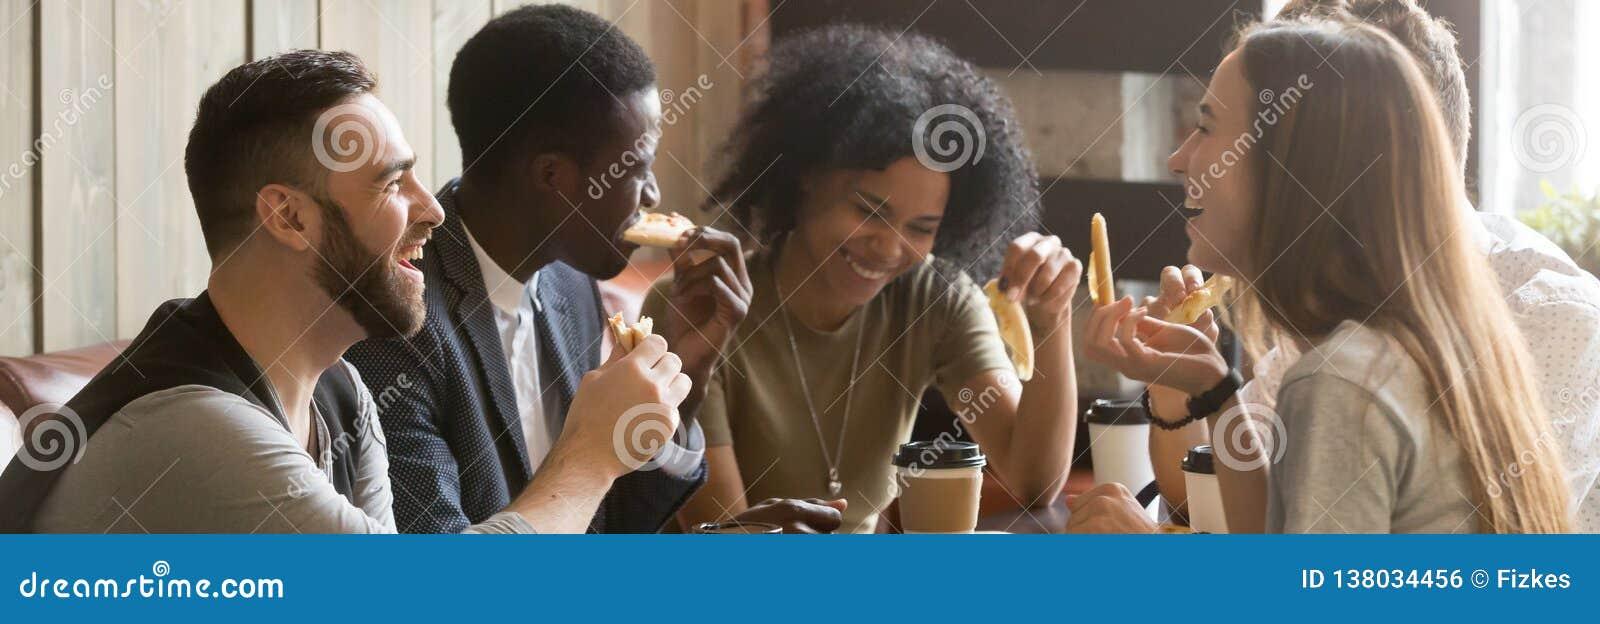 Οριζόντιοι πολυφυλετικοί φίλοι εικόνας που πίνουν τον καφέ που τρώει την πίτσα στον καφέ